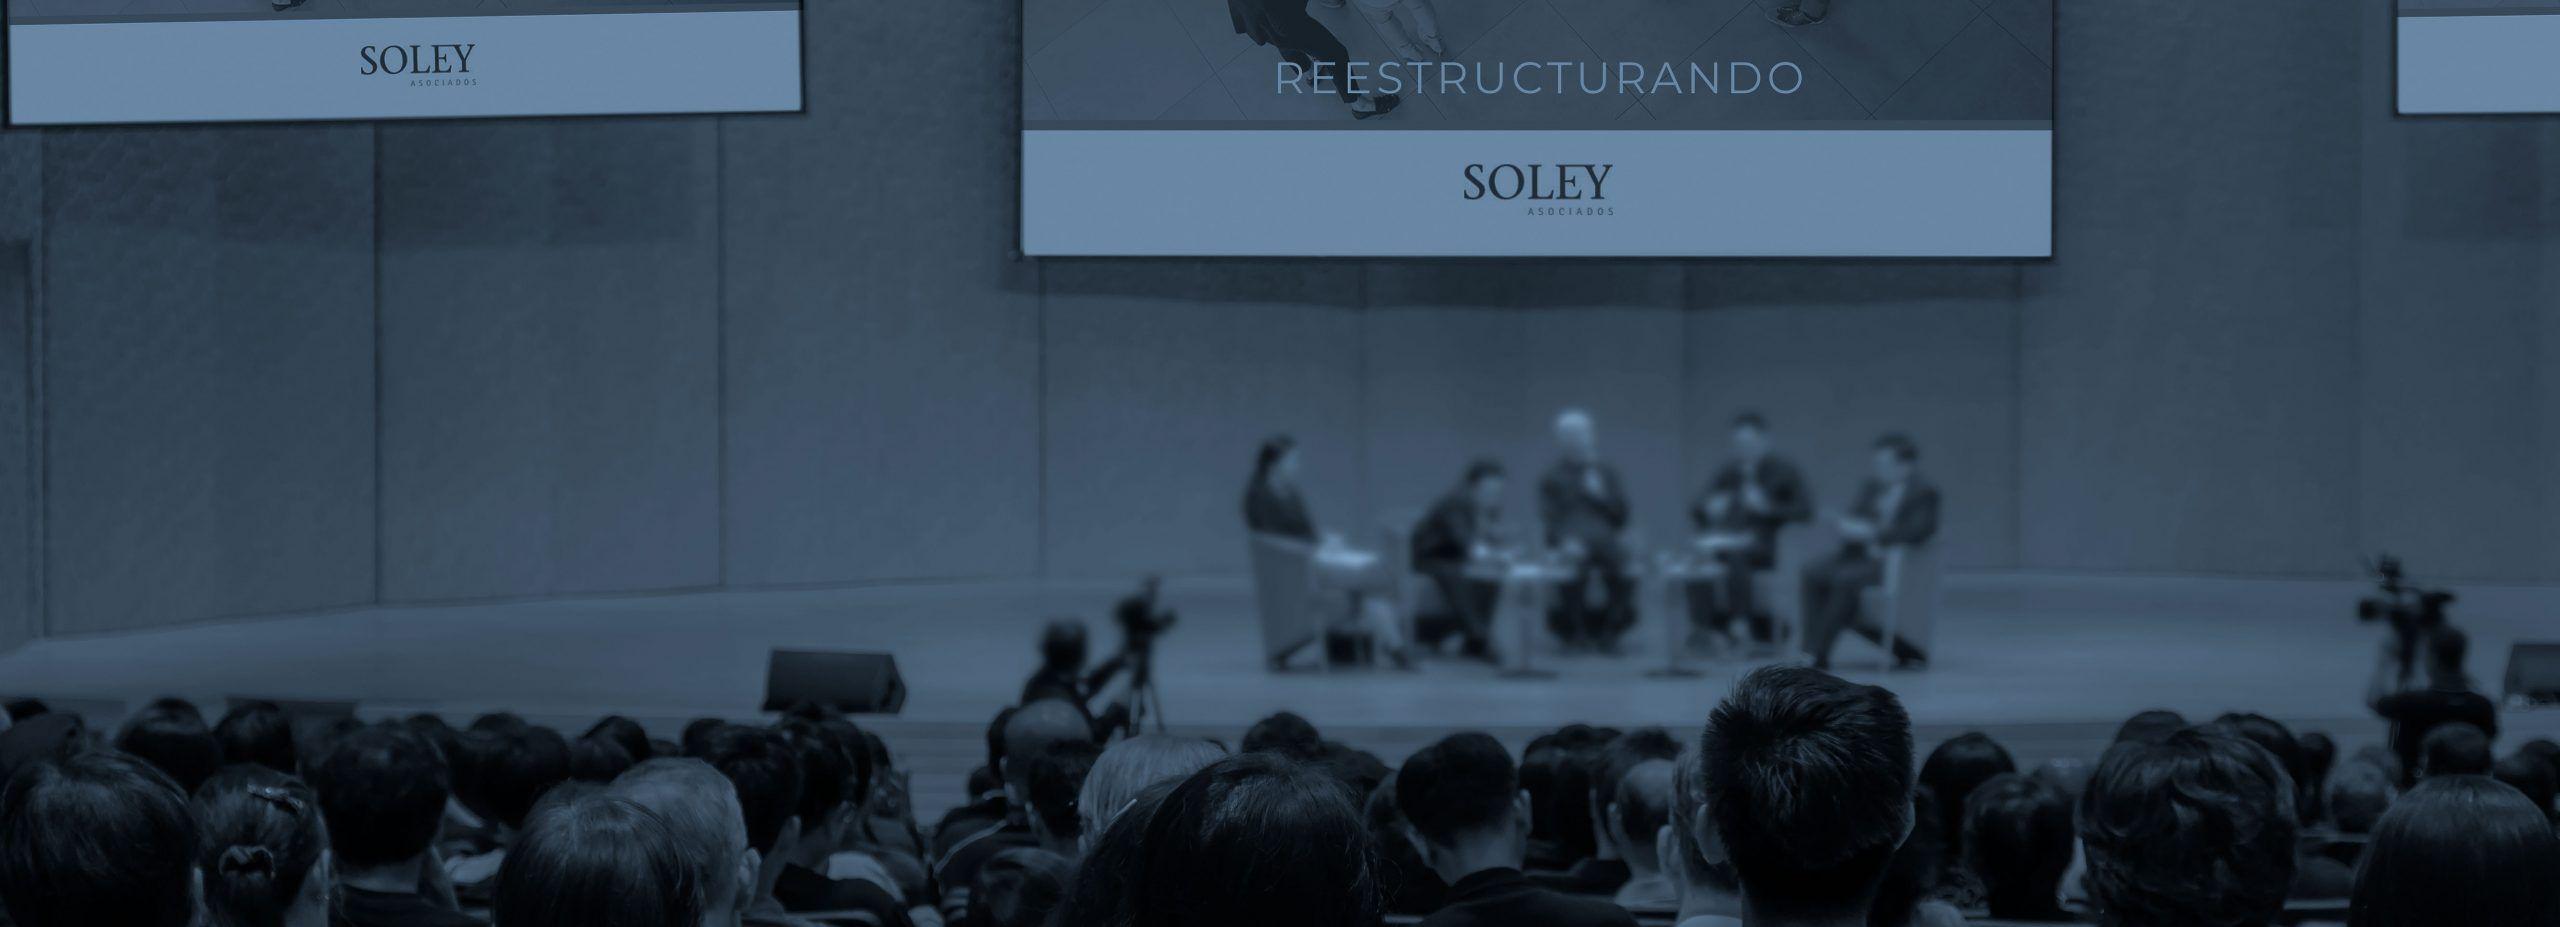 presentaciones-corporativas